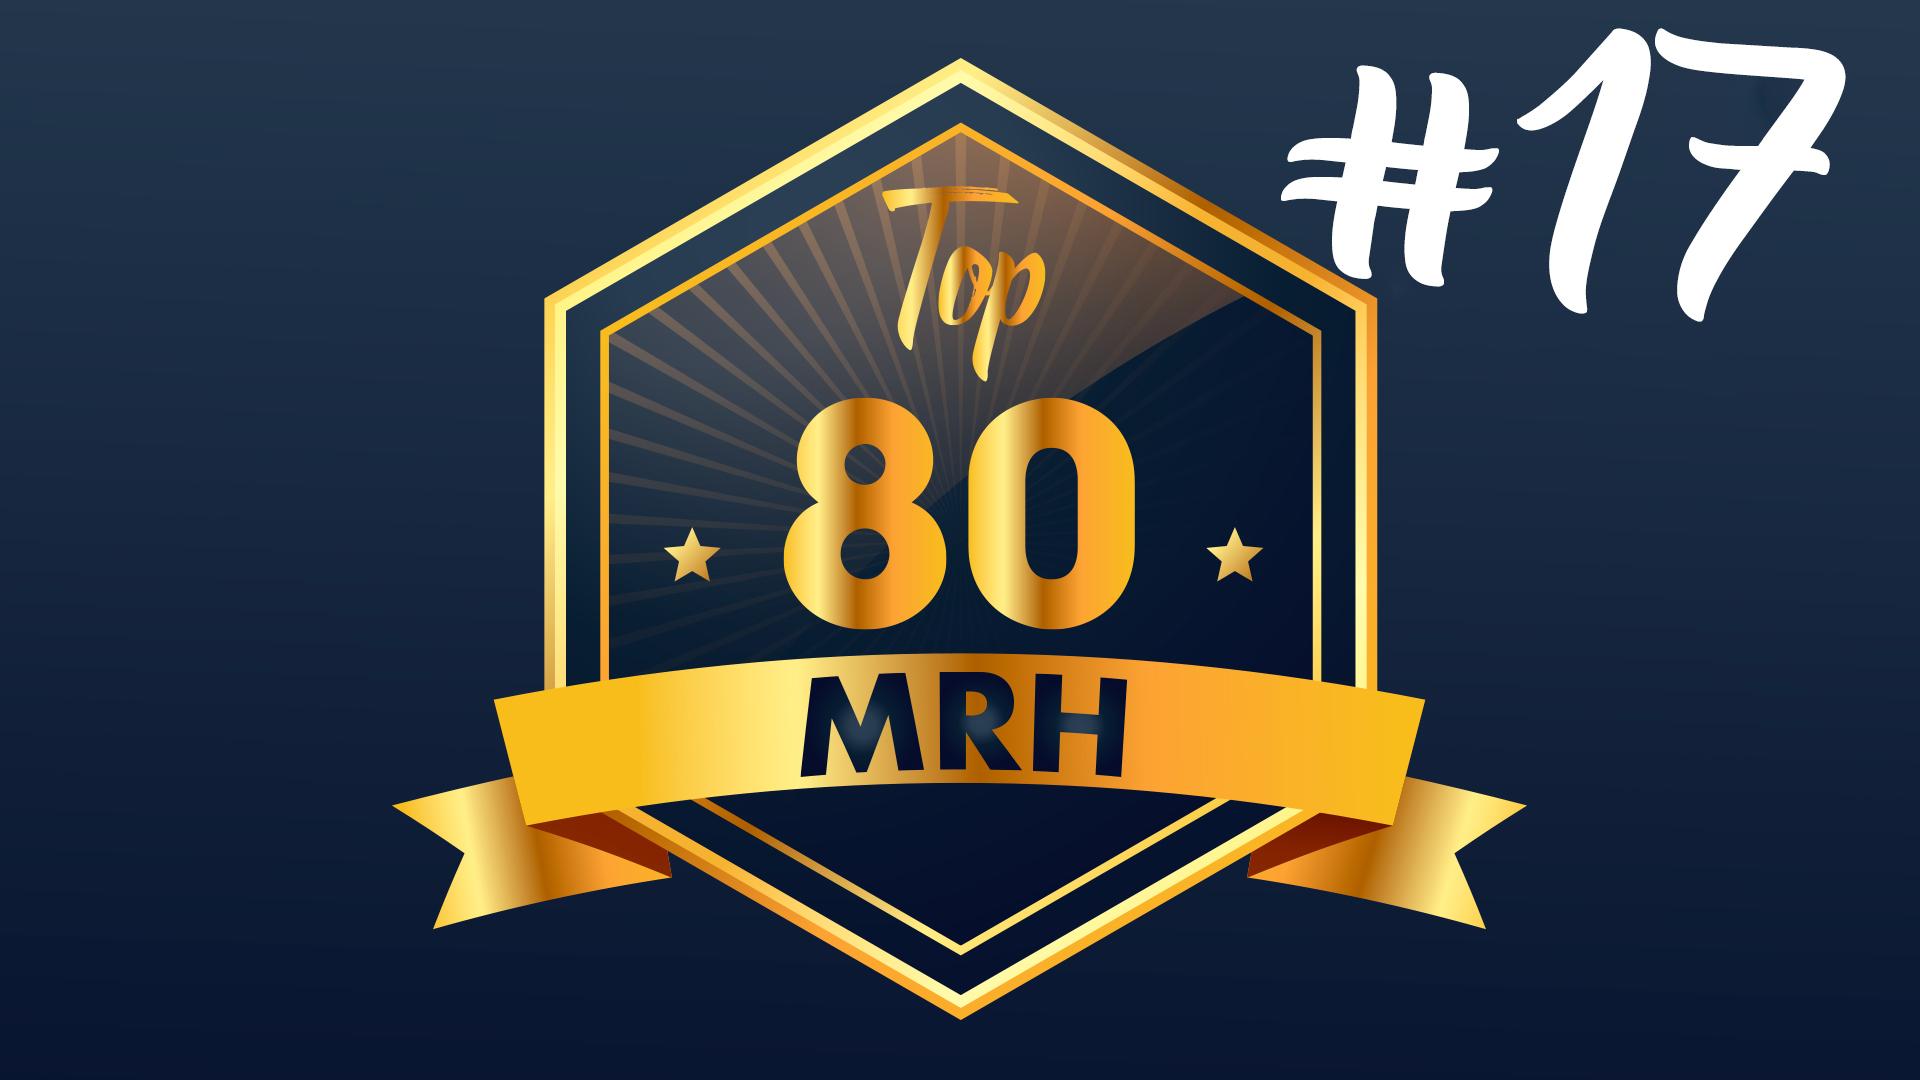 Top 80 MRH - Découvrez le 5e Top 80 MRH de 2020